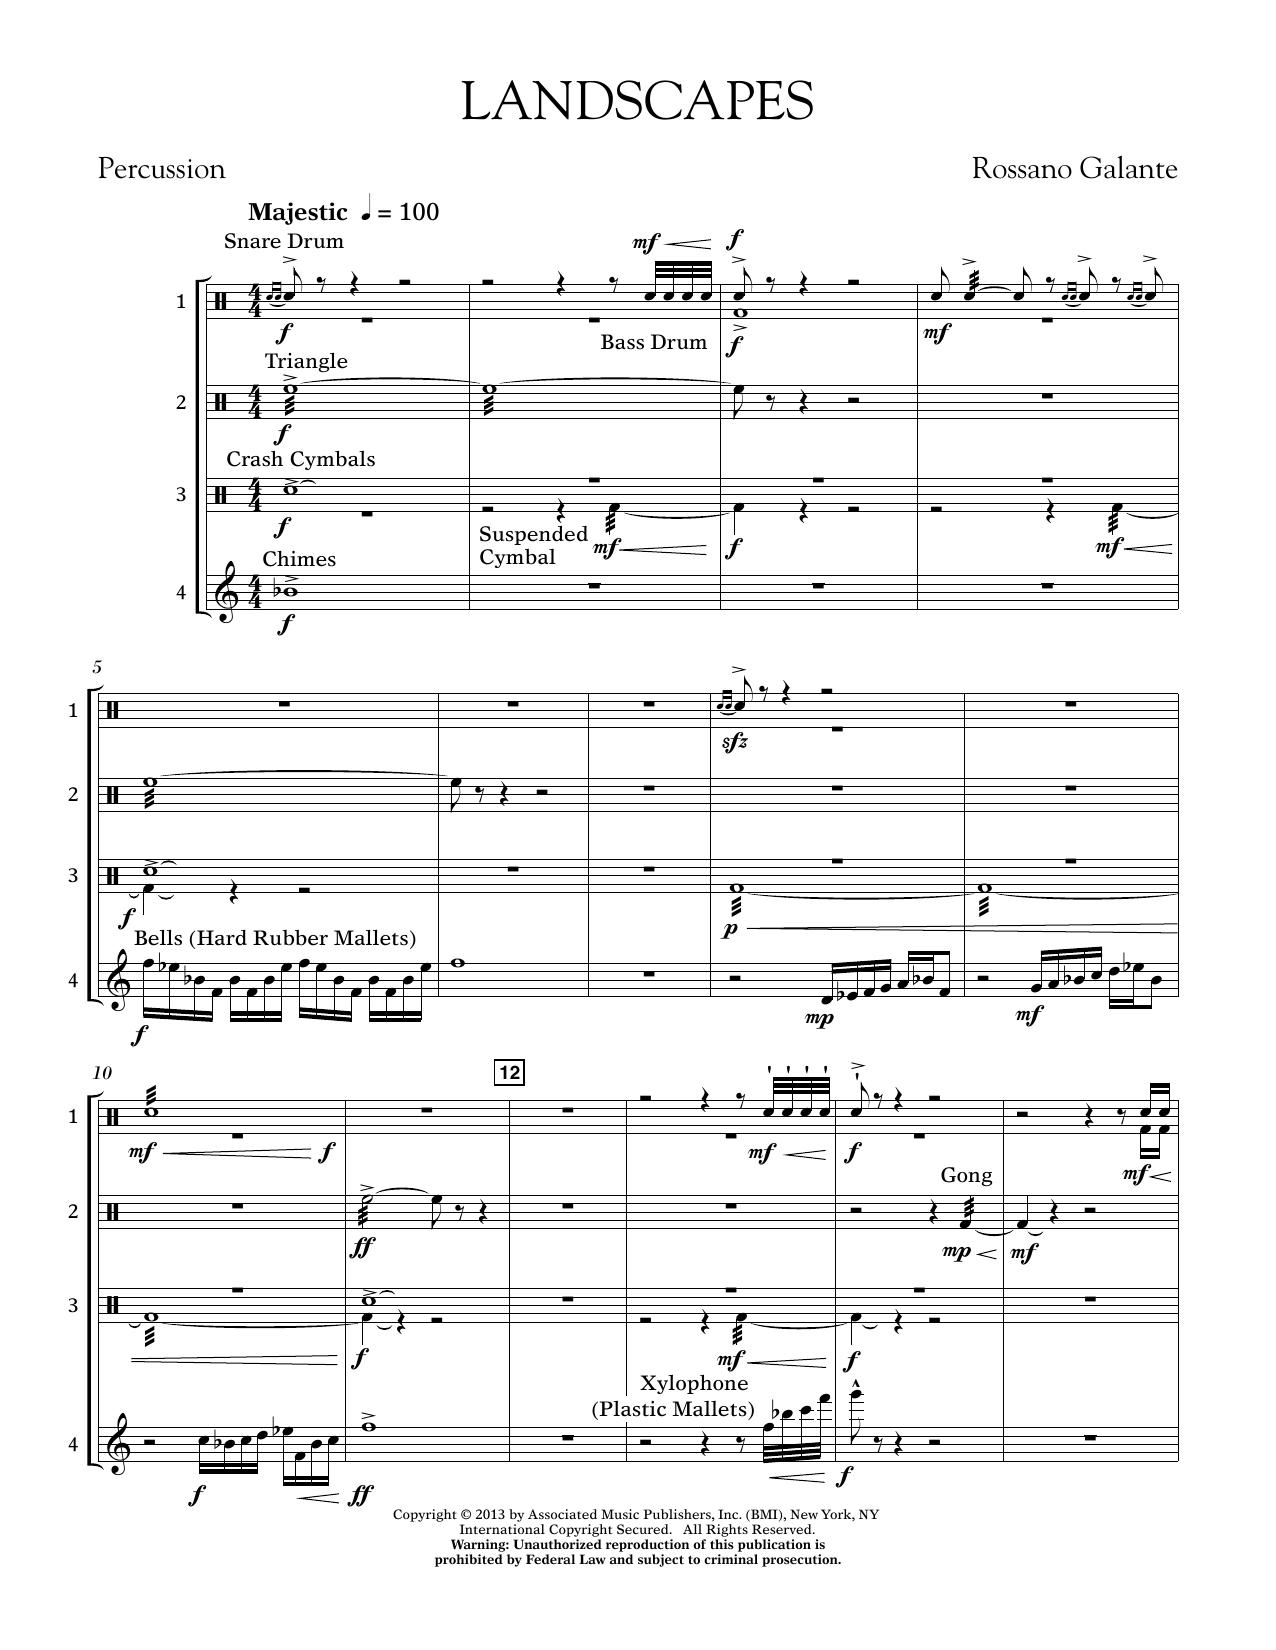 Landscapes - Percussion Score (Concert Band)